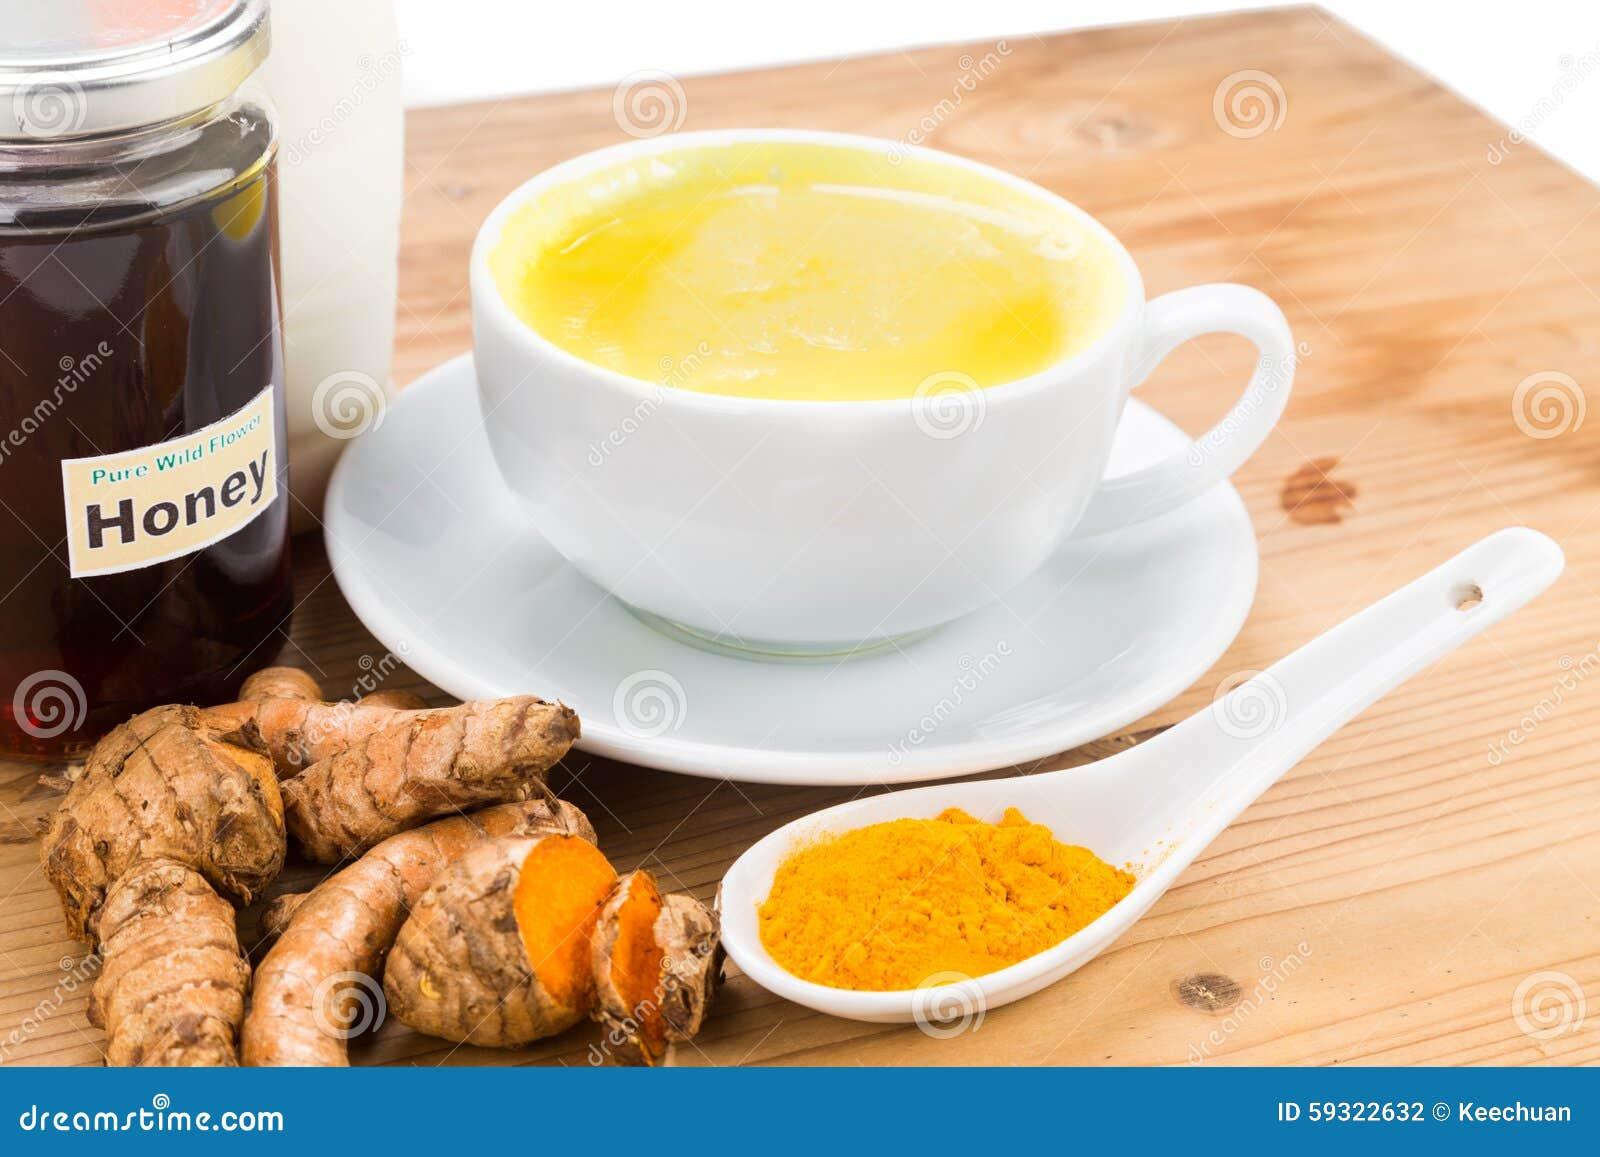 Radici di curcuma con le bevande del miele e del latte per bellezza e salute